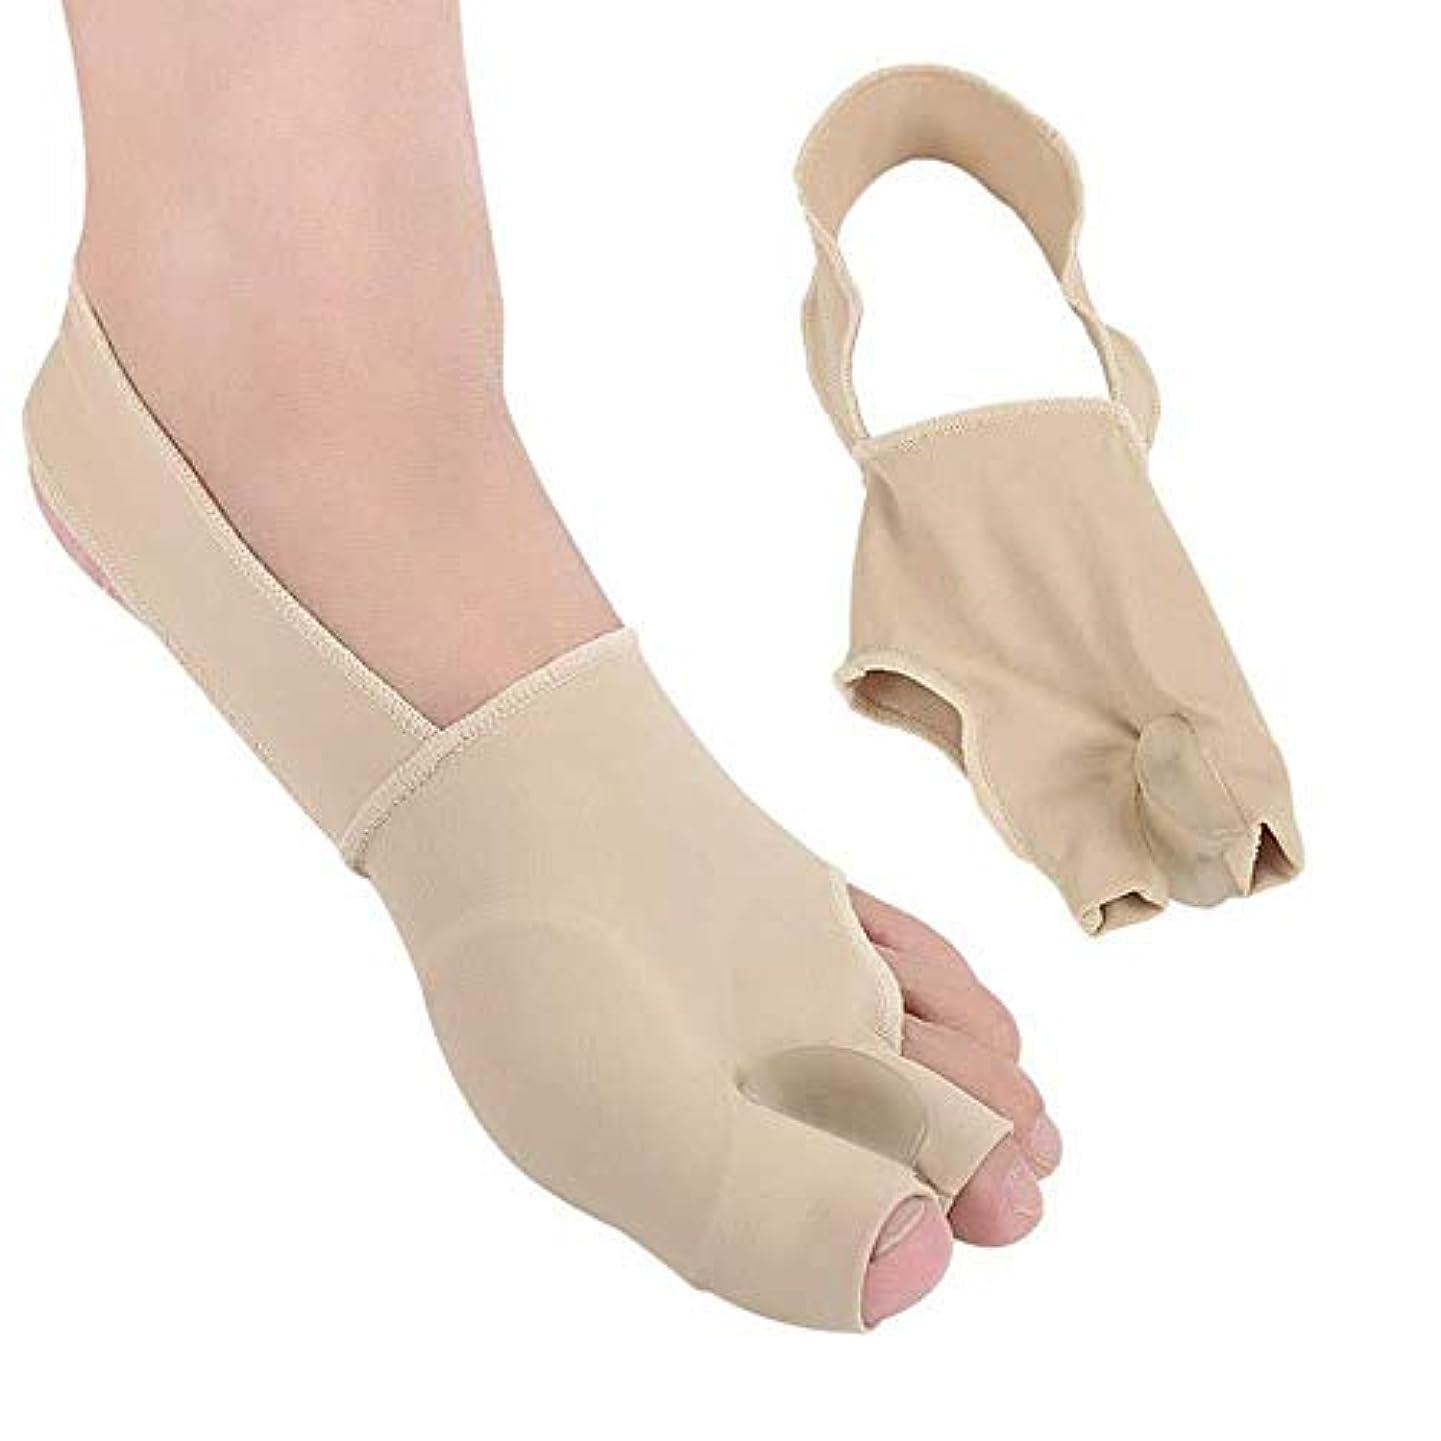 殺人インストール開拓者つま先セパレーター、足の痛みを緩和する運動の治療のための超薄型整形外科のつま先の外反母supportサポート,S